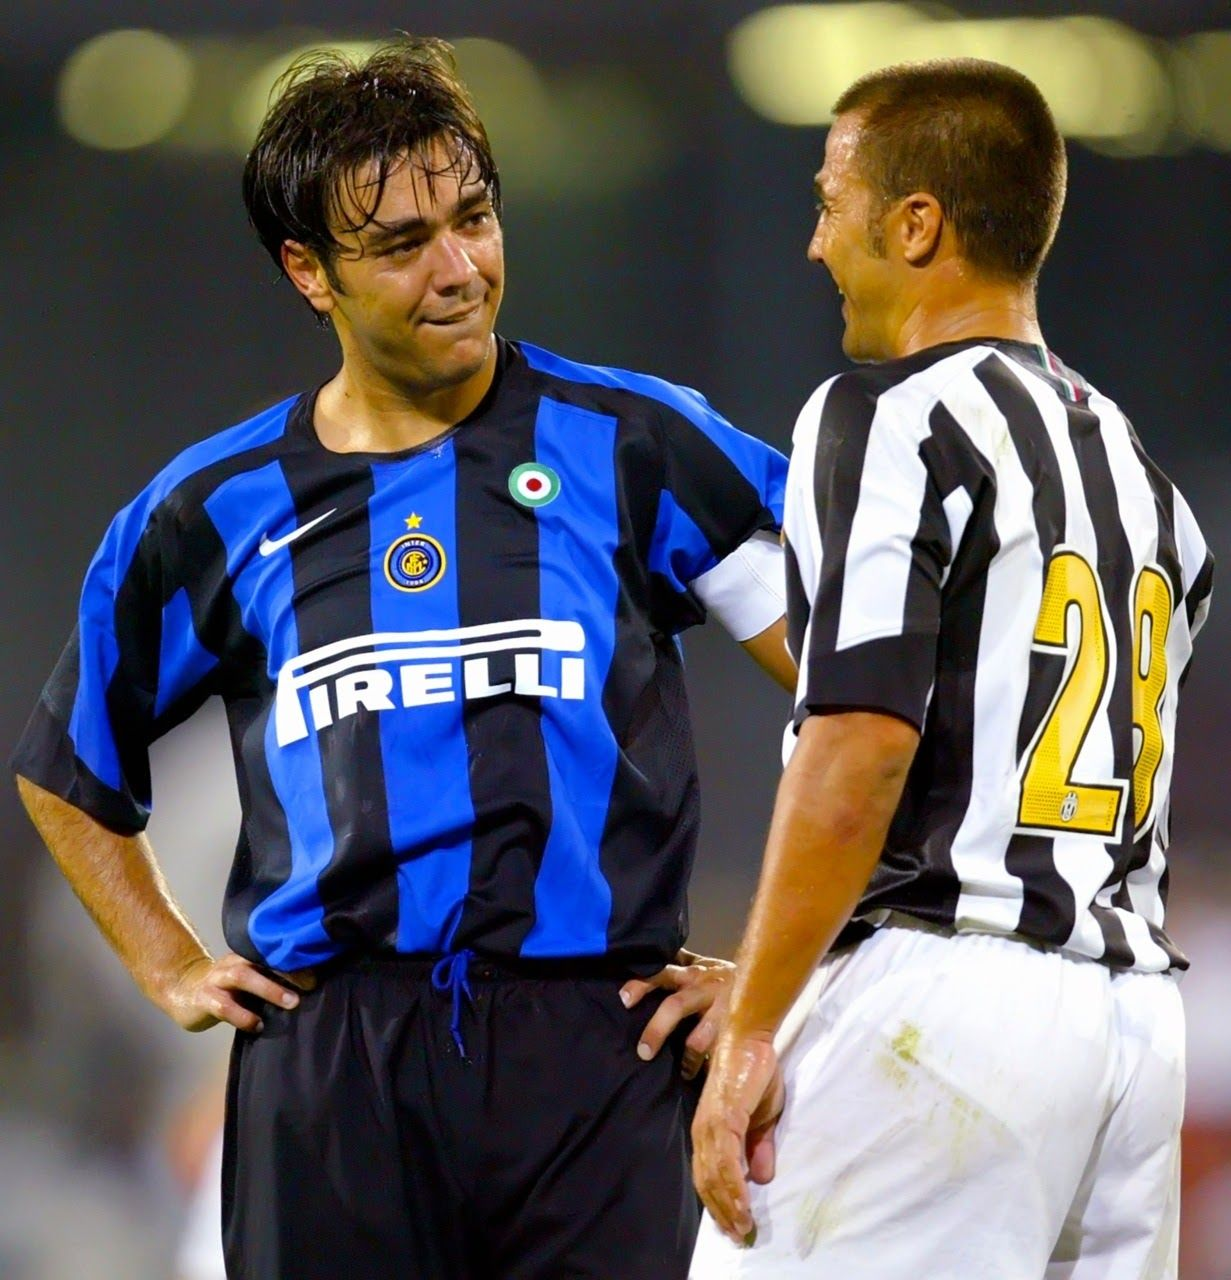 premium selection 53470 f7f98 Fabio Cannavaro & Alvaro Recoba - Inter Milan v Juventus ...